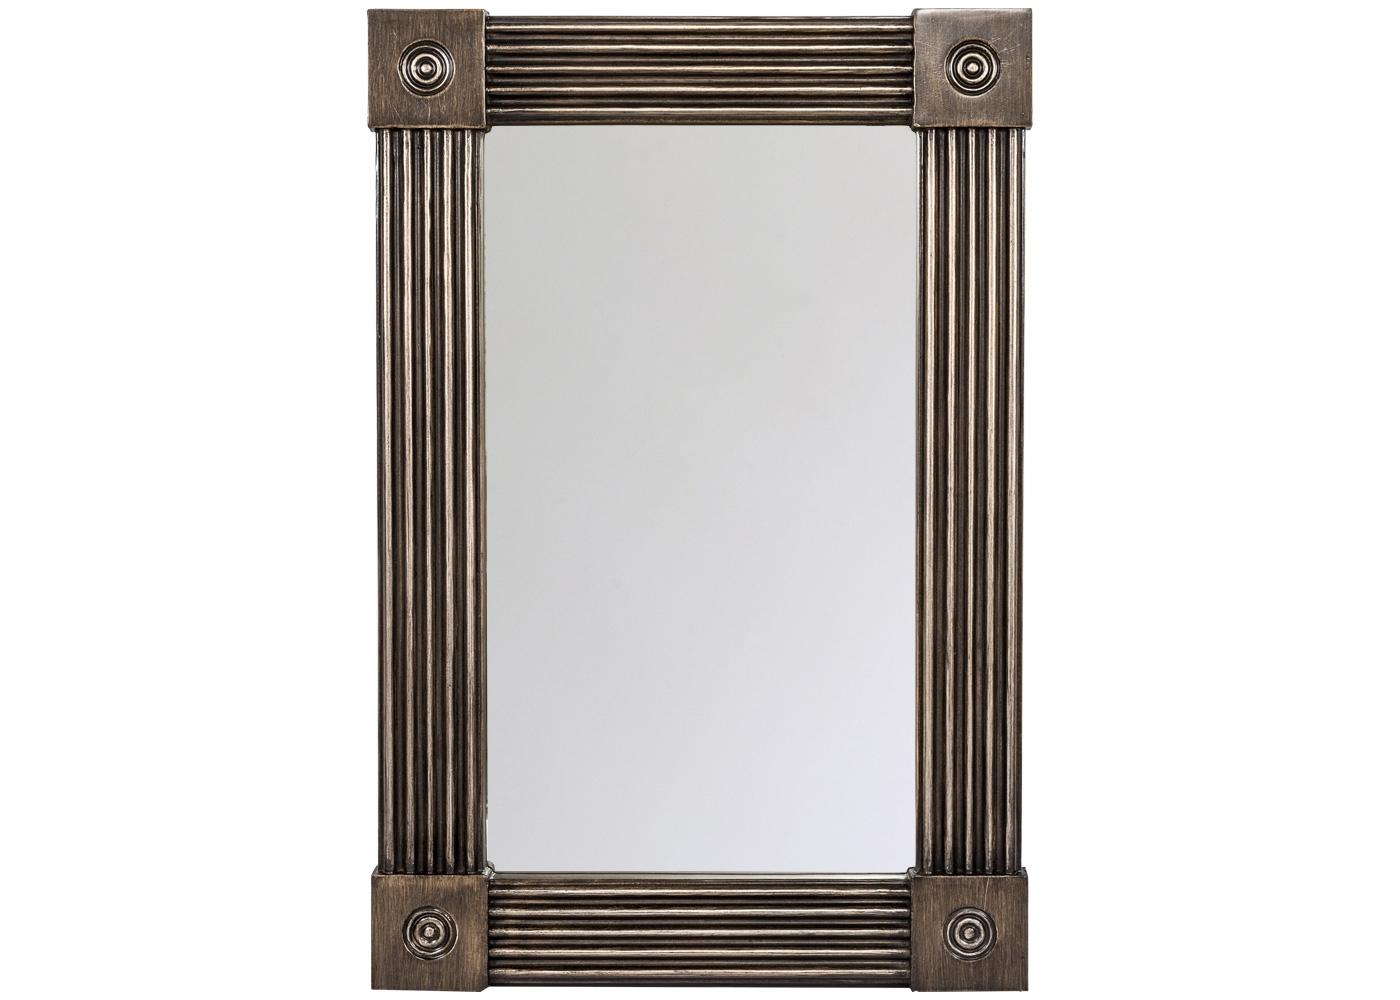 Настенное зеркало «Клейтон»Настенные зеркала<br>Рациональный размер, интеллигентная форма и классический цвет рекомендуют зеркало &amp;quot;Клейтон&amp;quot; любому из домашних помещений: гостиной и ванной комнатам, столовой и спальне, кабинету и холлу. Строгая прямоугольная форма идеально рифмуется с современной цифровой техникой. Прямоугольные зеркала стройнят интерьер, а цвет старого серебра эффектно связывает любое окружение. Обратите внимание на тонкую фацетную грань, подчеркнувшую элегантность полосатого рельефа.<br><br>Material: Полиуретан<br>Ширина см: 62<br>Высота см: 92<br>Глубина см: 3